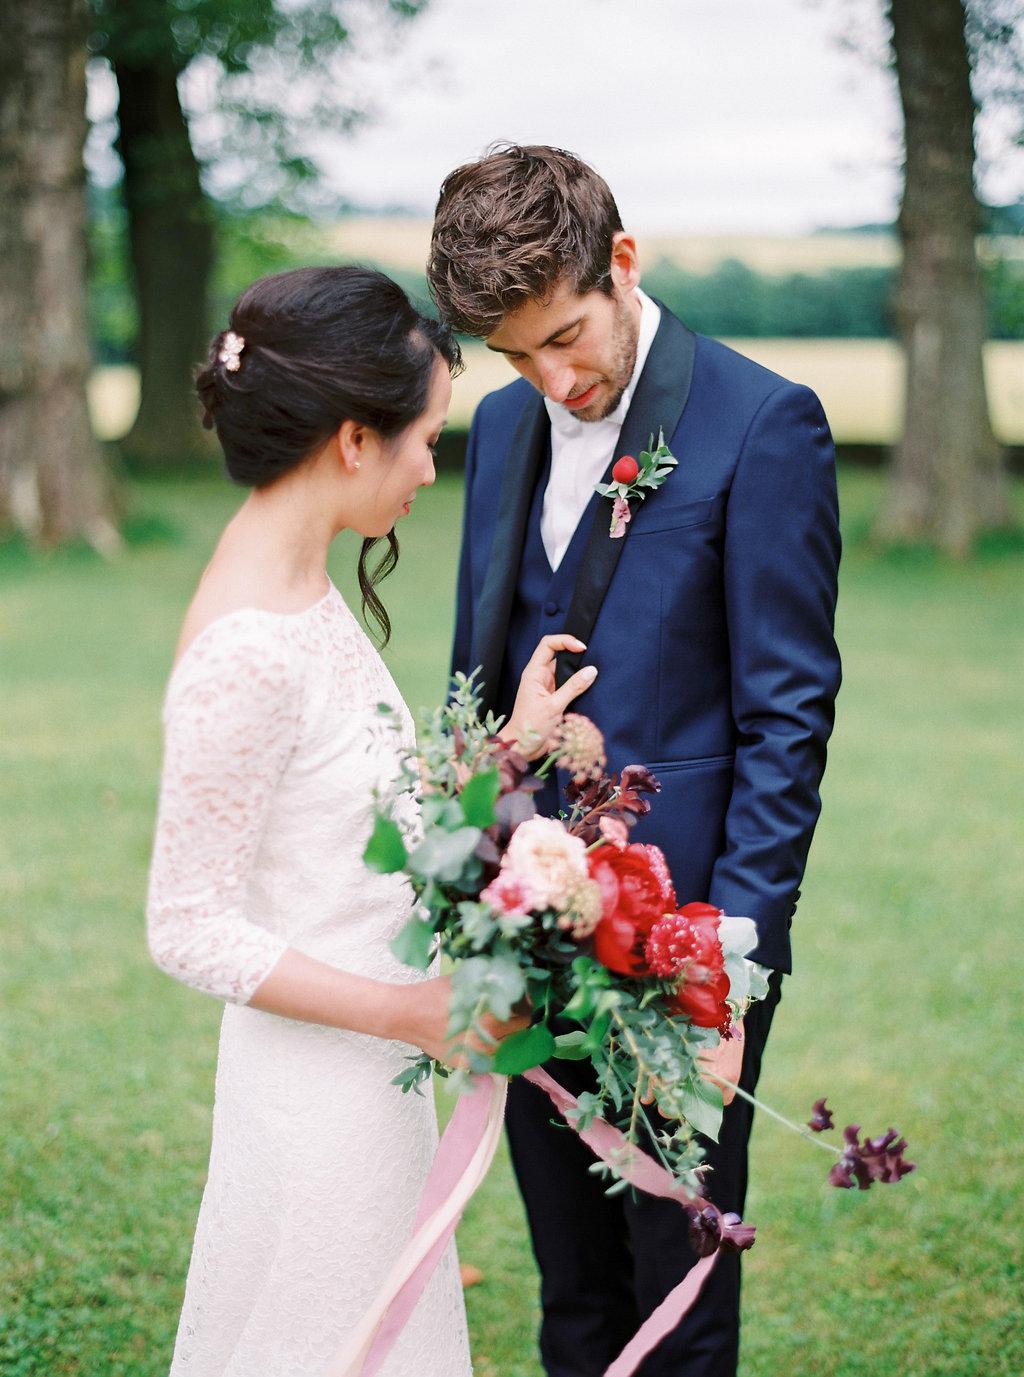 chateau_wedding_elsasebastien-215